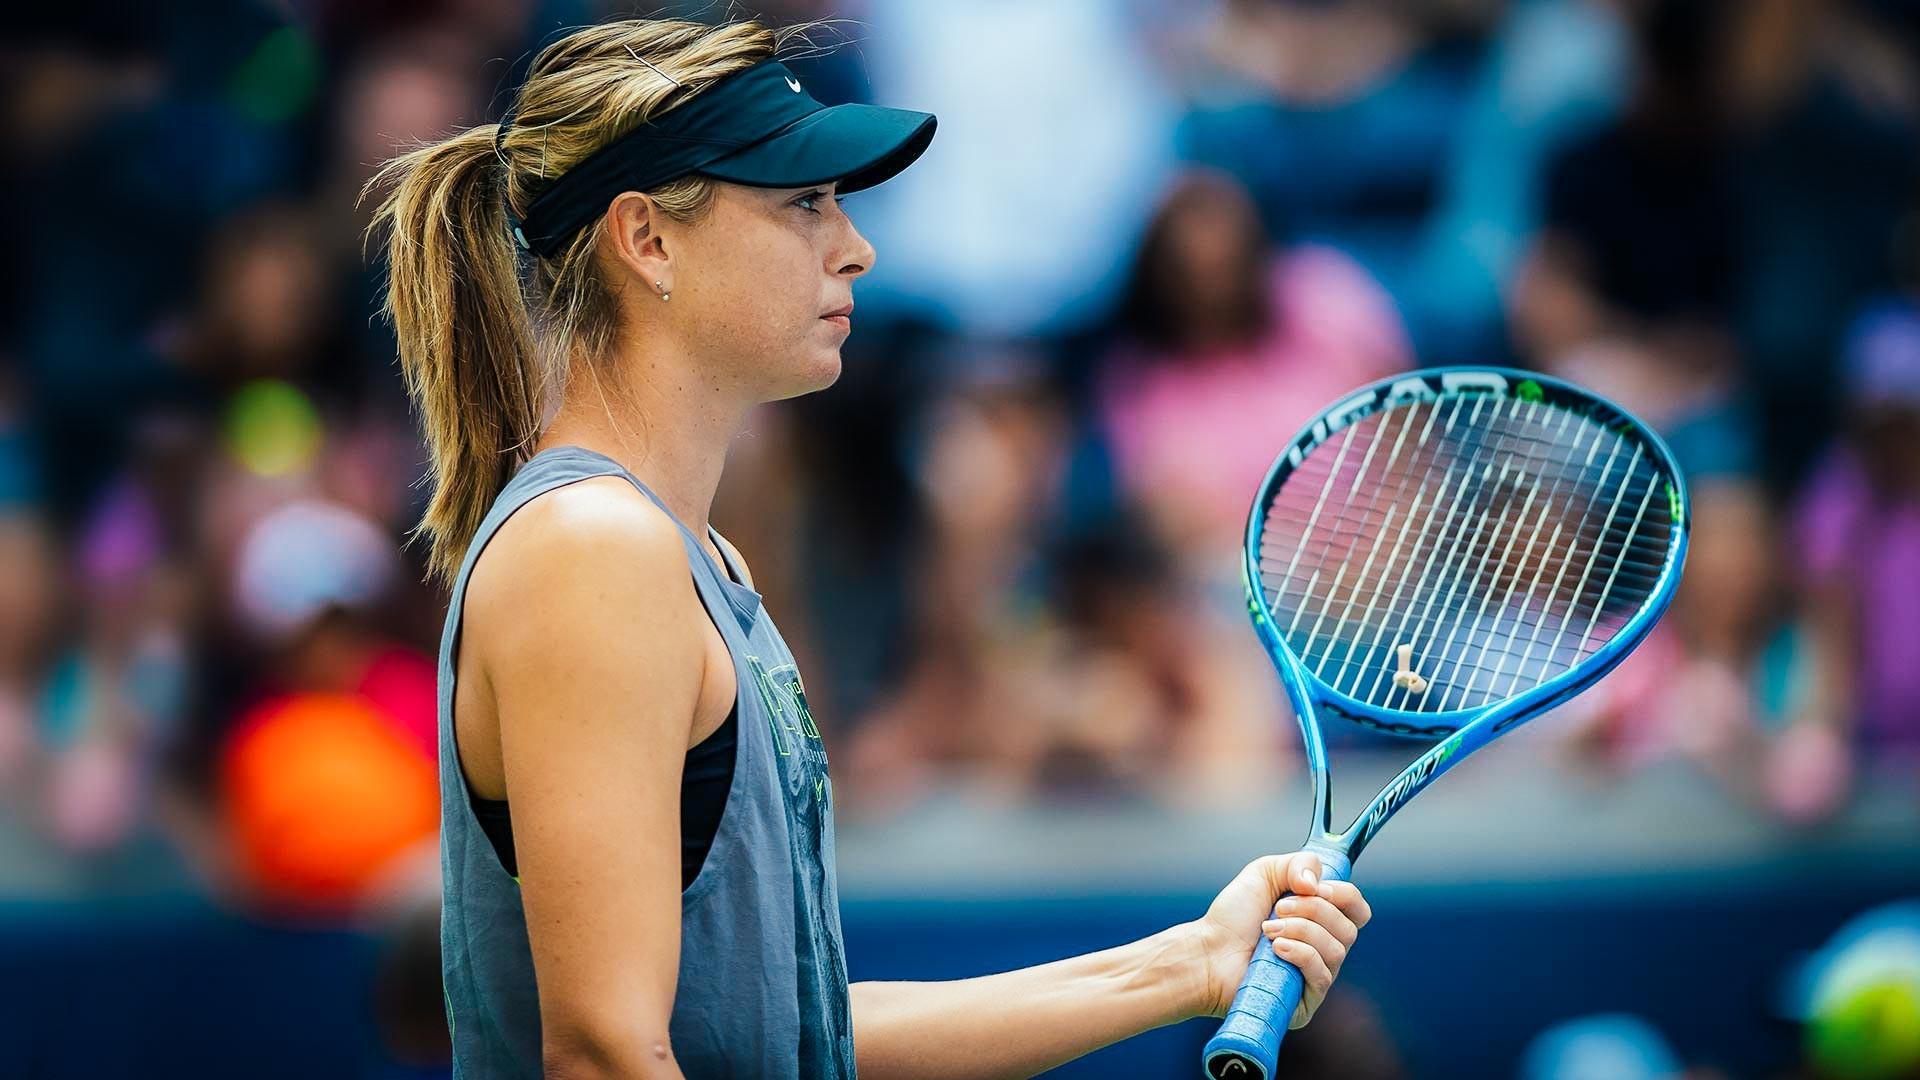 Ruska tenisačica Marija Šarapova na treningu uoči Otvorenog prvenstva SAD-a u tenisu Grand Slam turnira 2018.